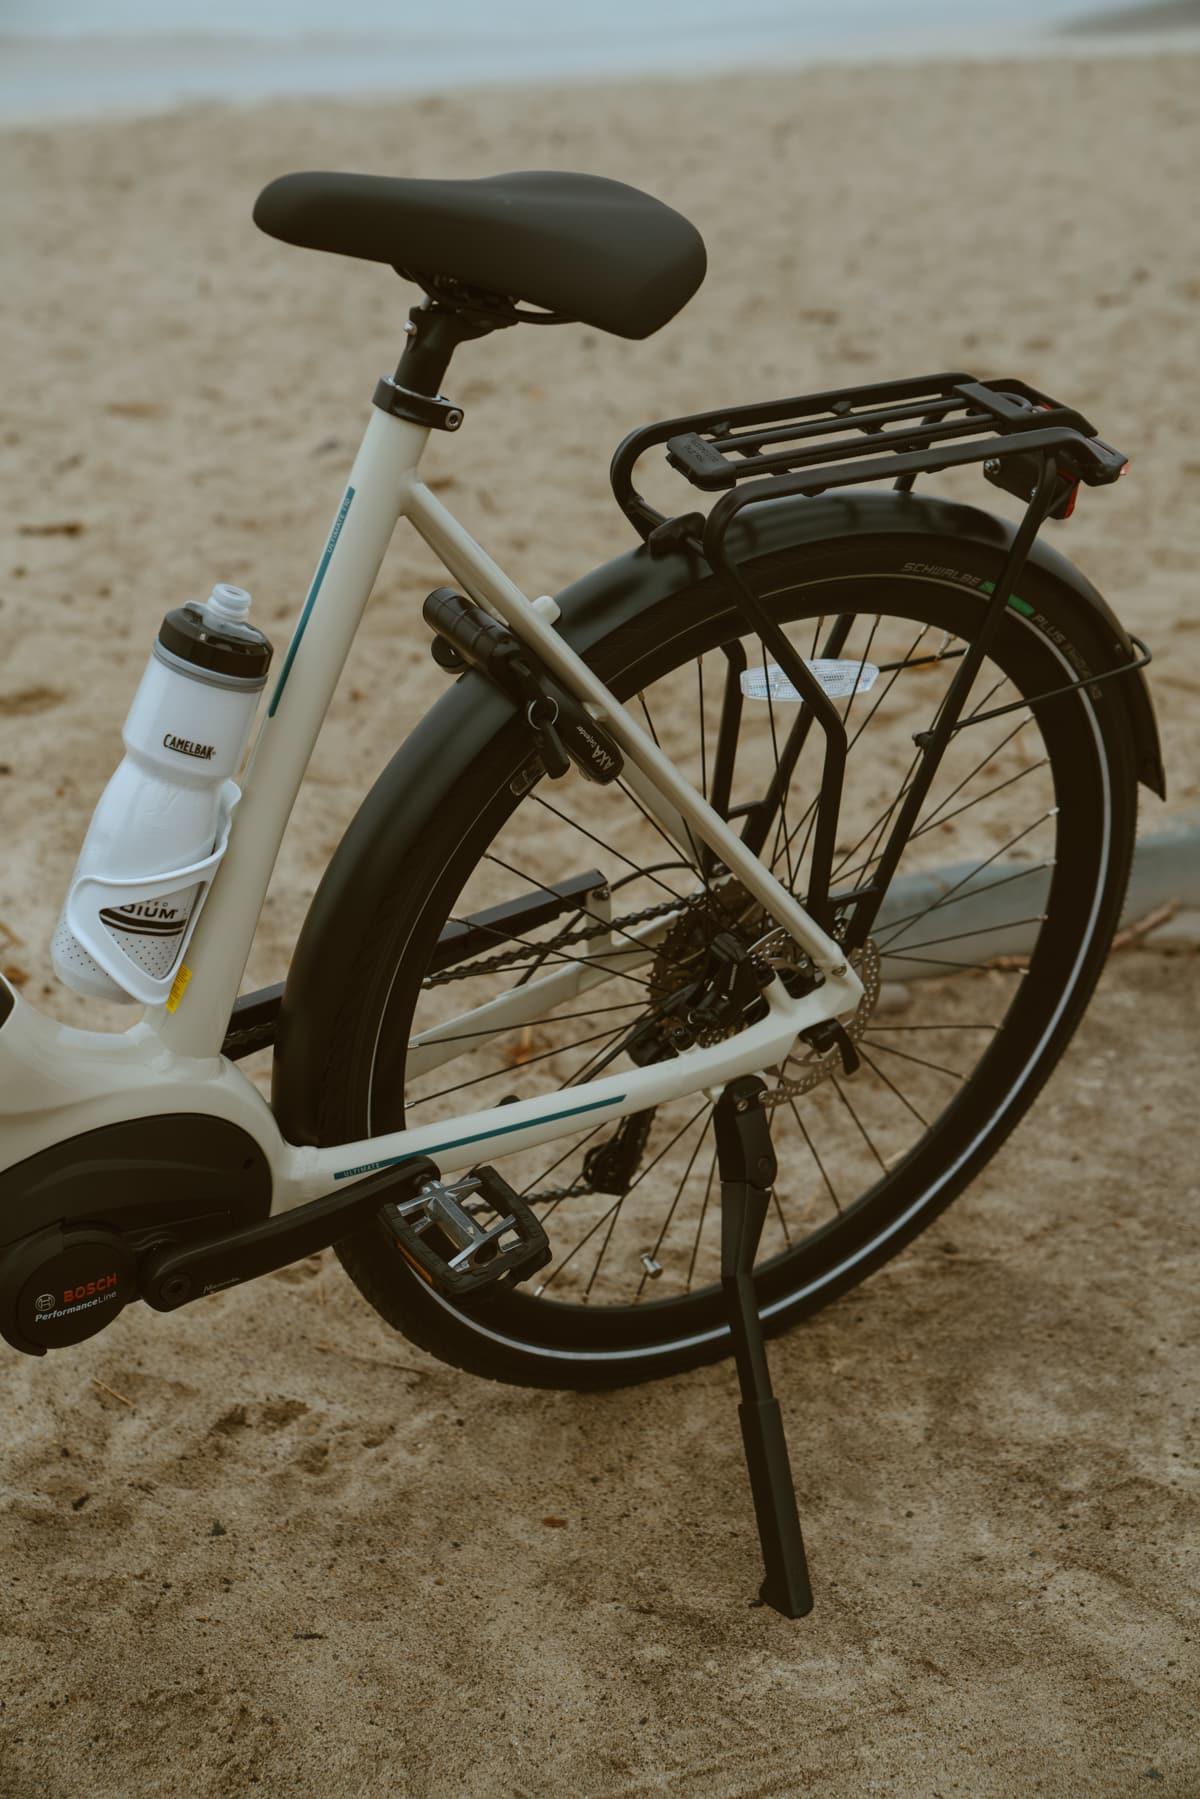 e-bike water bottle holder